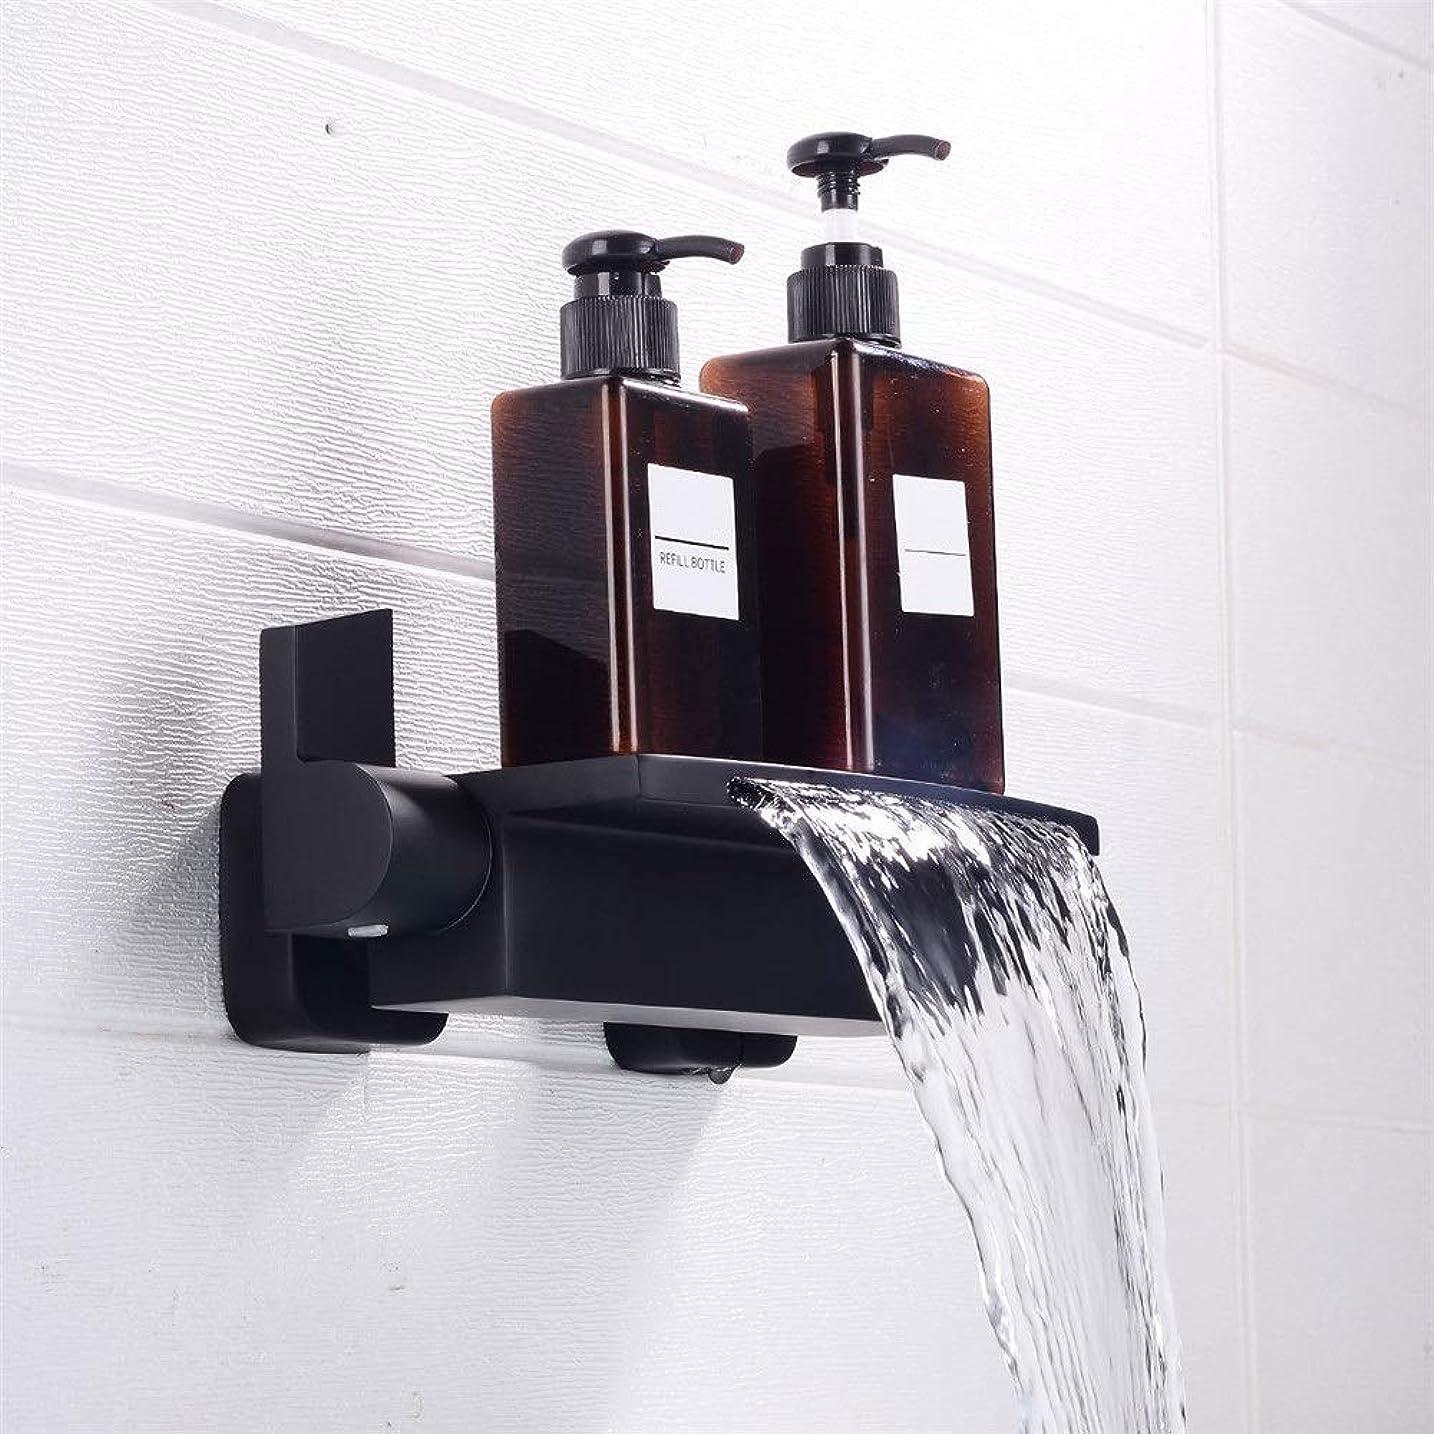 それによってゲストアブストラクト浴槽の蛇口 壁には滝バスタブ浴室の蛇口ブラックホット&コールドシャワーをマウント キッチンバーのトイレで使用できます (Color : Black, Size : Free size)